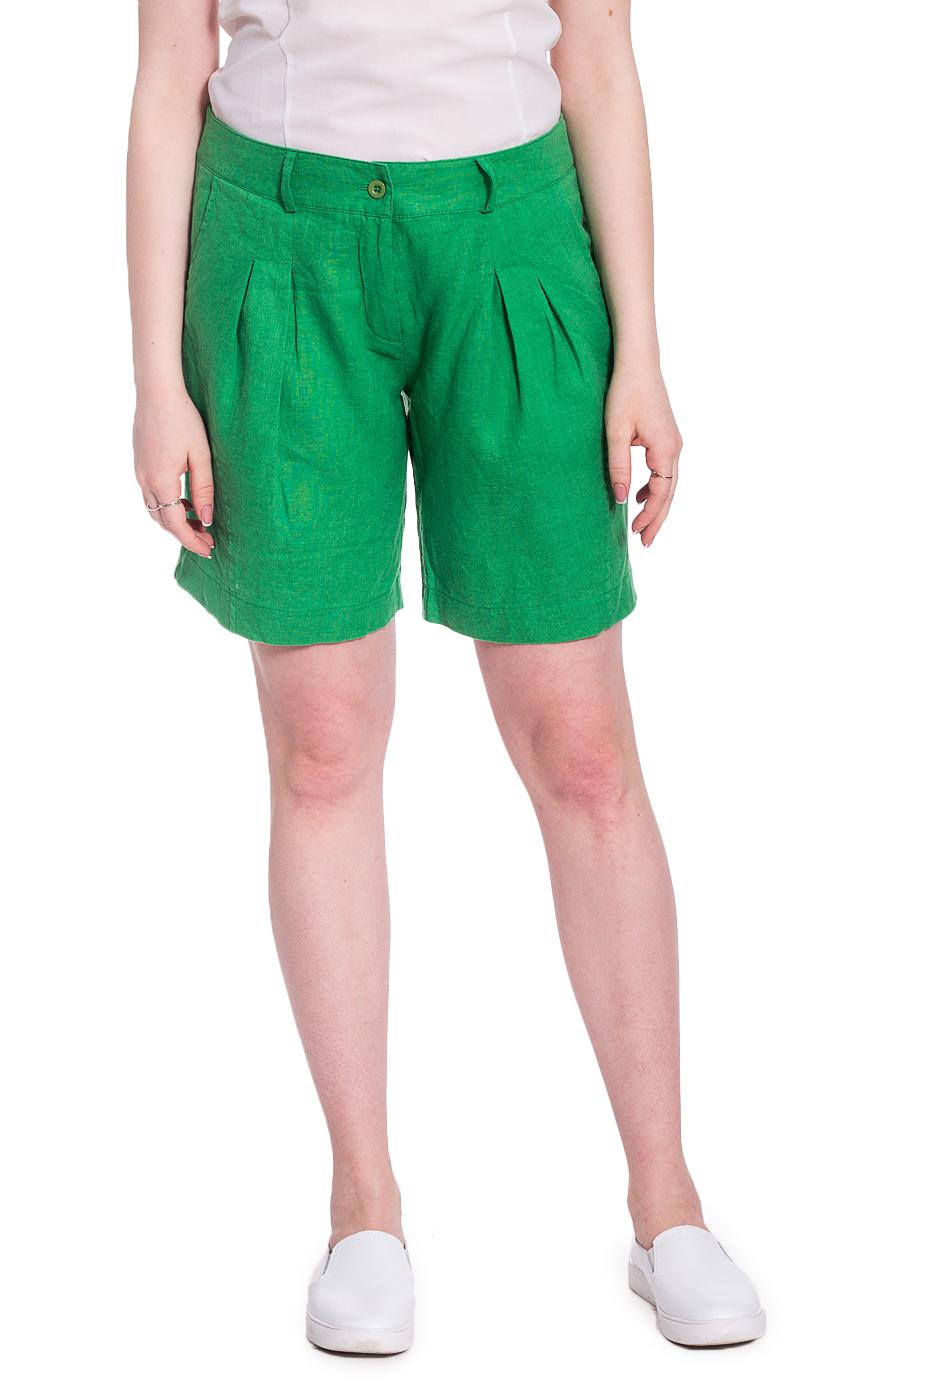 ШортыШорты<br>Удобные шорты с высокой талией. Модель выполнена из натурального льна. Отличный выбор для повседневного гардероба.  В изделии использованы цвета: зеленый  Рост девушки-фотомодели 170 см<br><br>По длине: До колена<br>По материалу: Лен<br>По рисунку: Однотонные<br>По стилю: Летний стиль,Повседневный стиль<br>По элементам: С декором,С завышенной талией,С карманами<br>По сезону: Лето<br>Размер : 48<br>Материал: Лен<br>Количество в наличии: 1